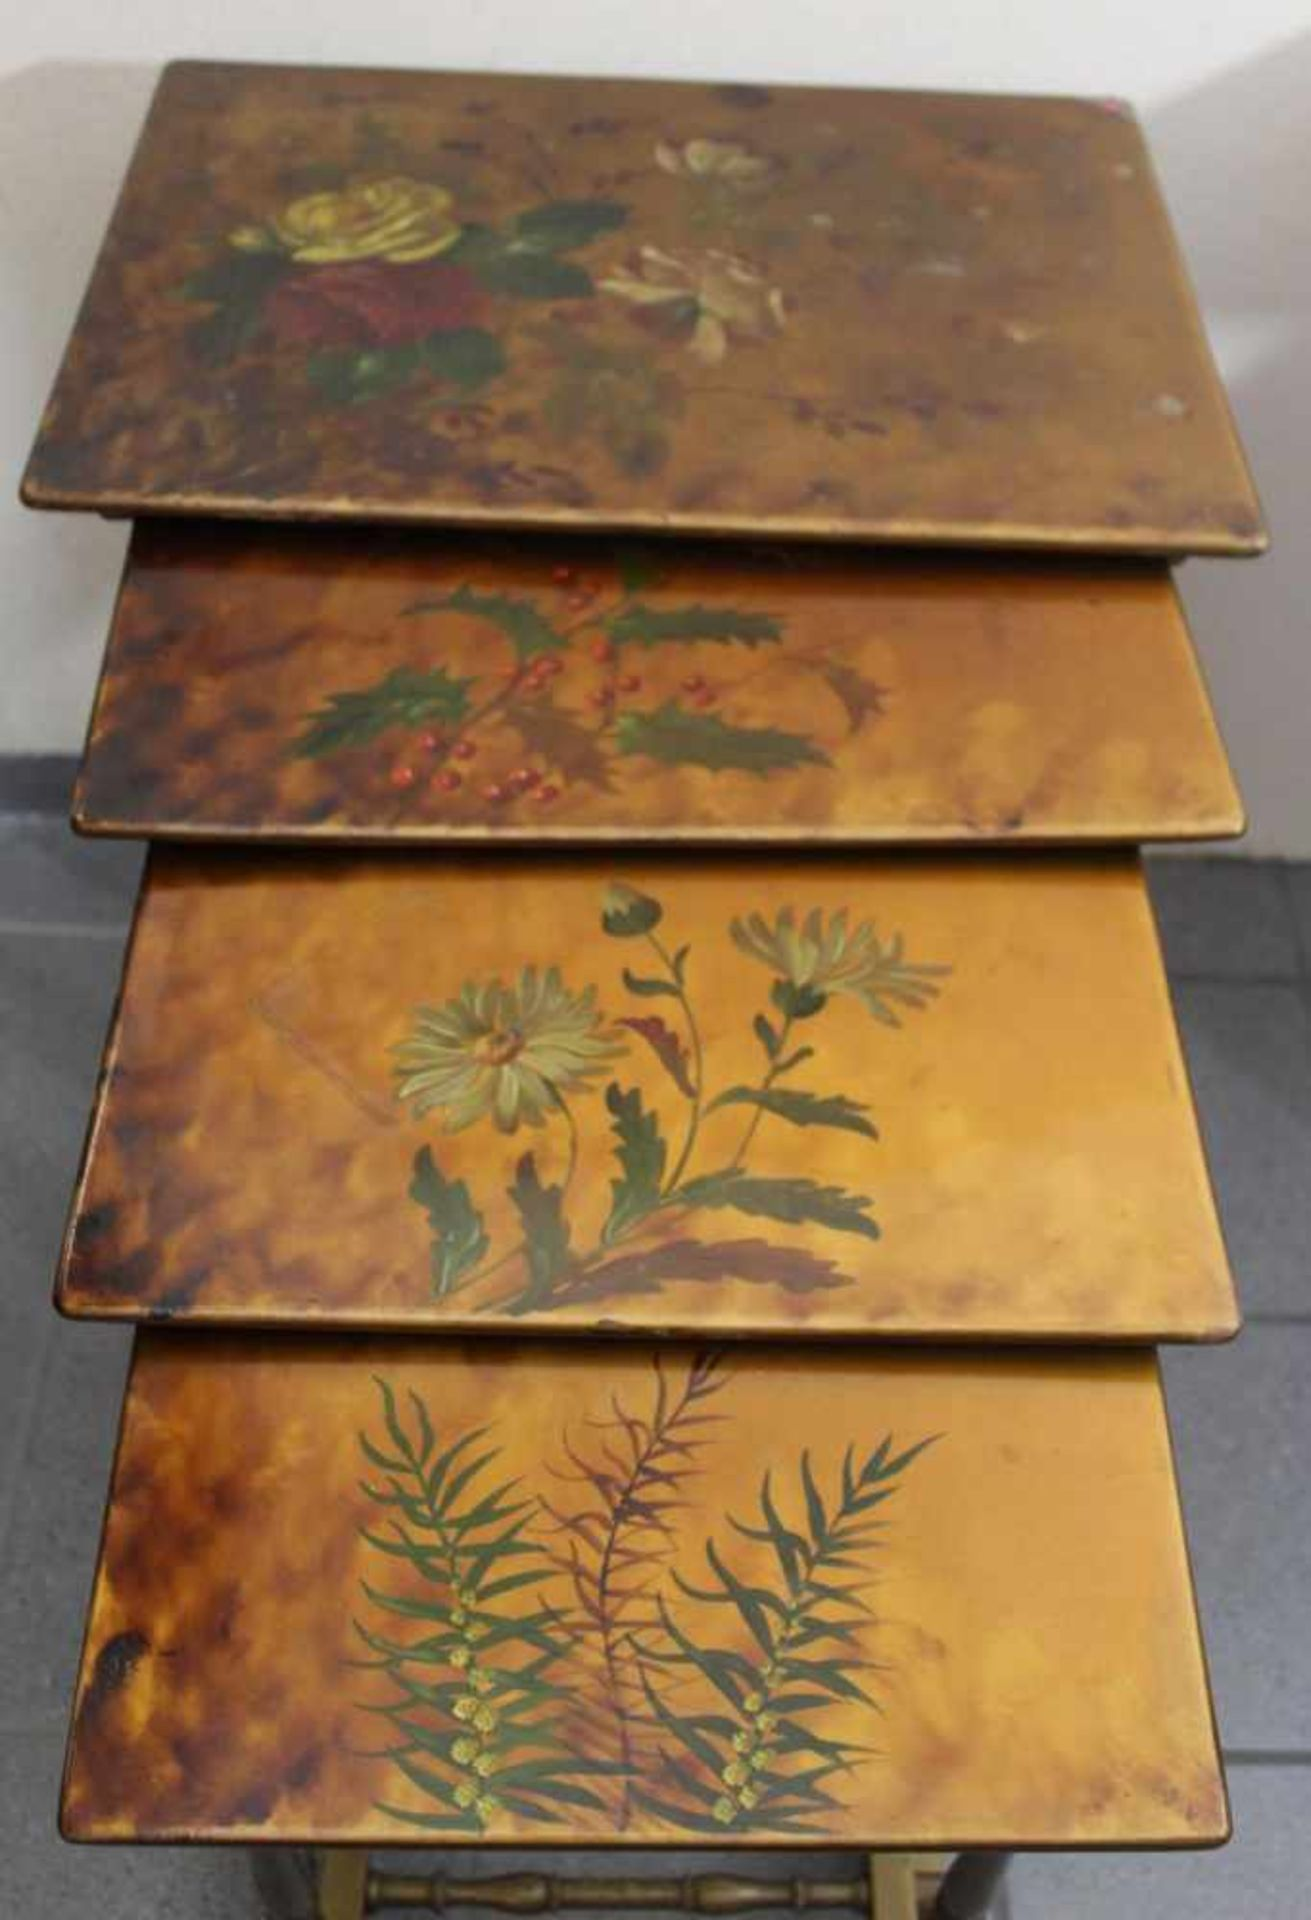 Satz Jugendstiltische 4 Stck., wohl Frankreich um 1900, Massivholz floral und golden bemalt, Höhe